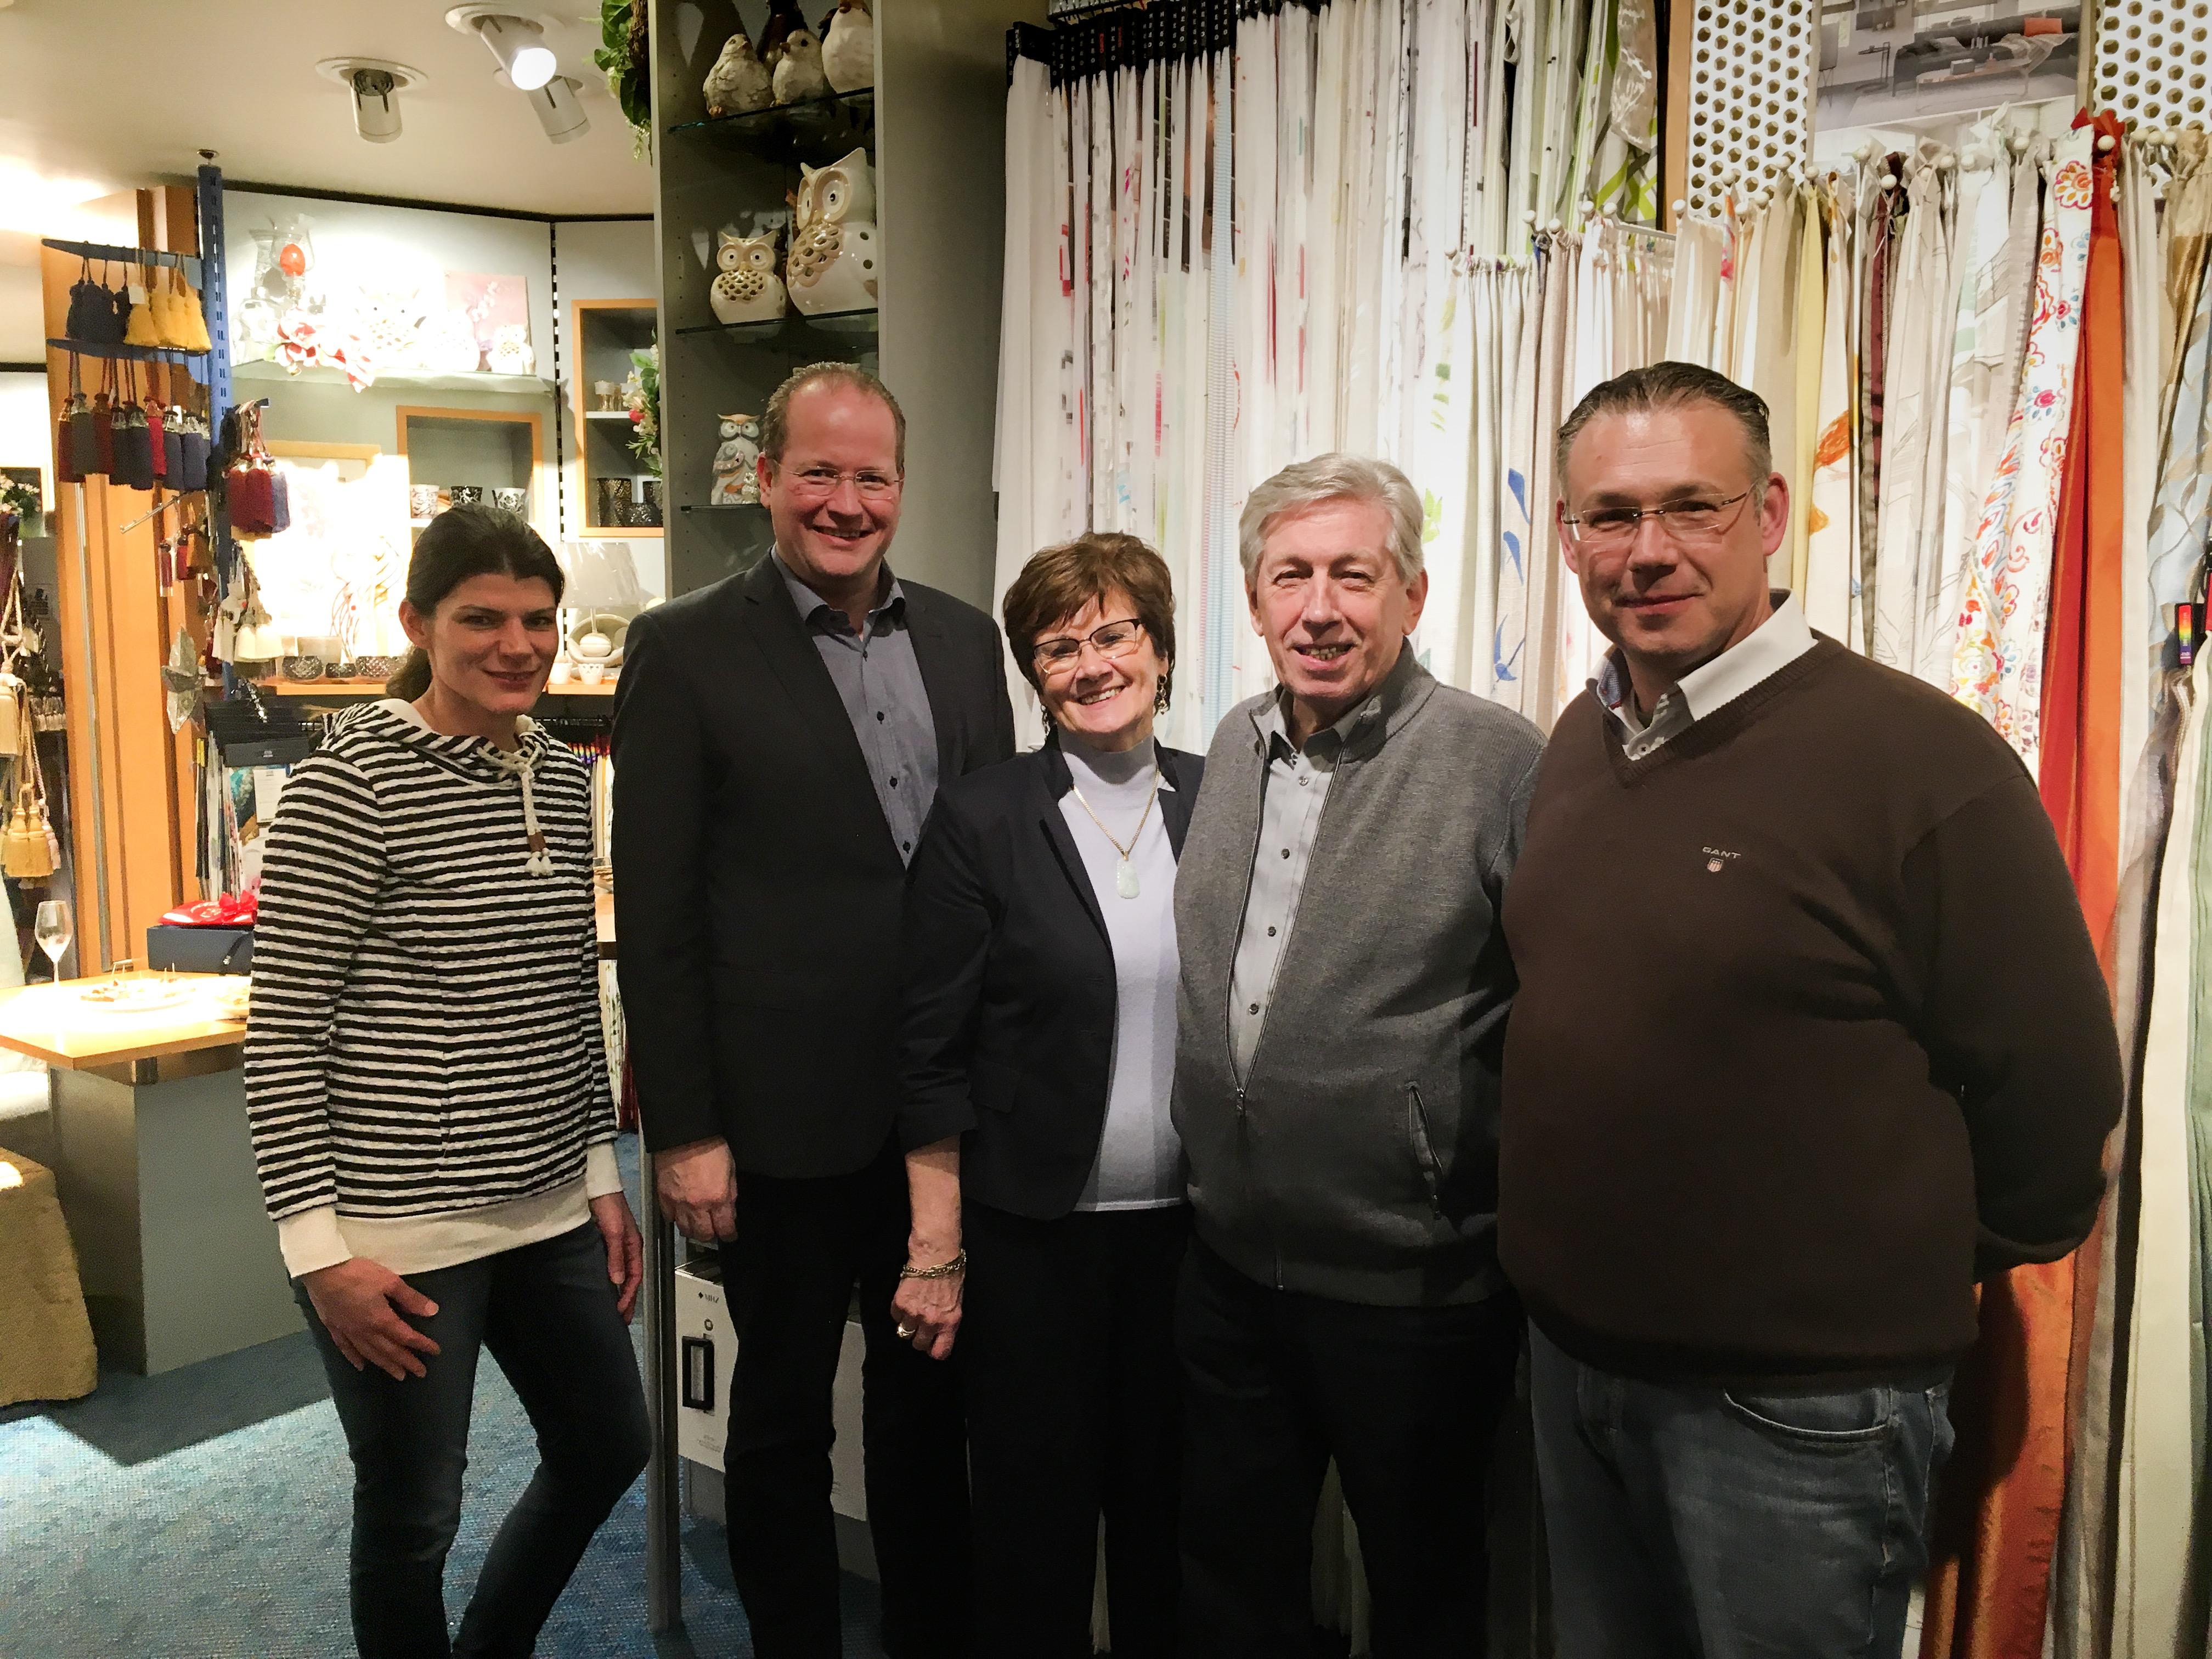 Auf dem Foto von rechts: Inhaber Oliver Preuß, Vater Günter Preuß, Seniorchefin Brunhilde Preuß, WIB-Vize Marc Sinner, Verena Baldauf, langjährige Mitarbeiterin des Familienunternehmens